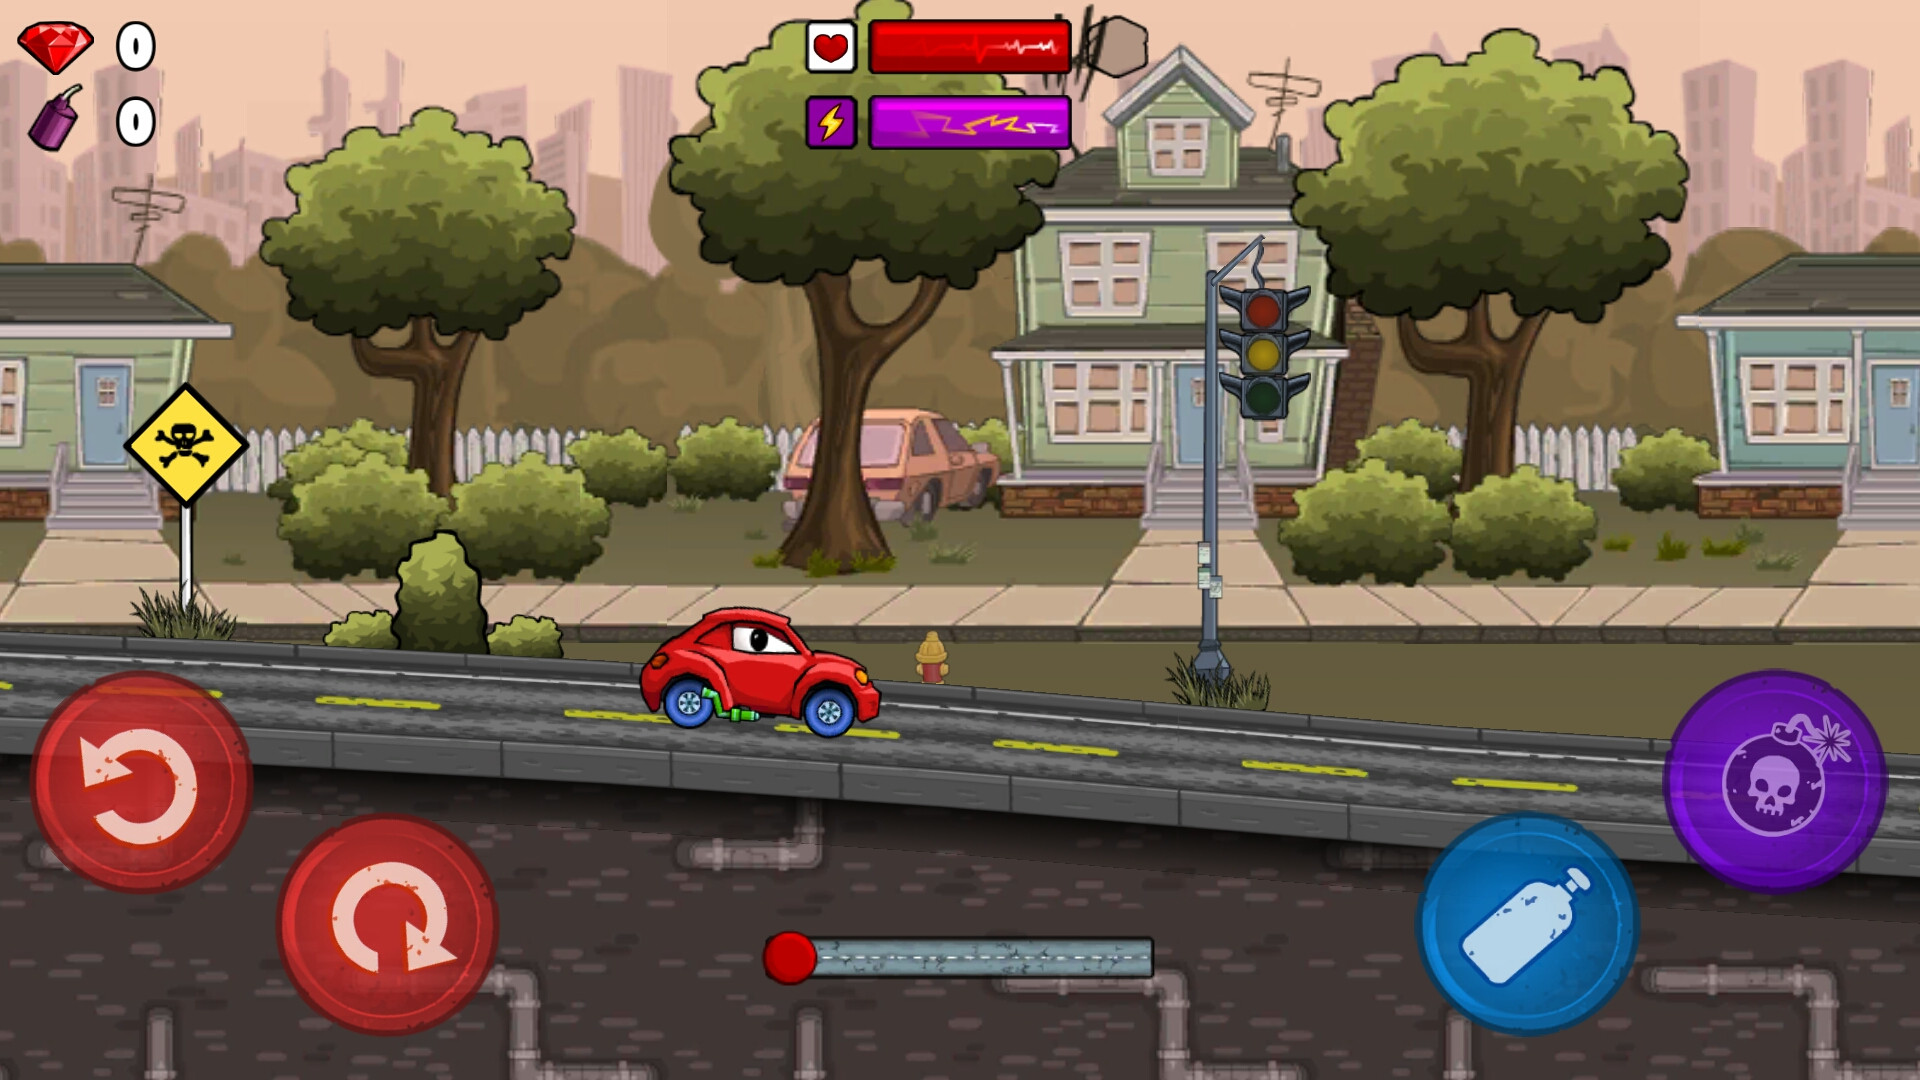 скачать взломанную игру car eats car 2